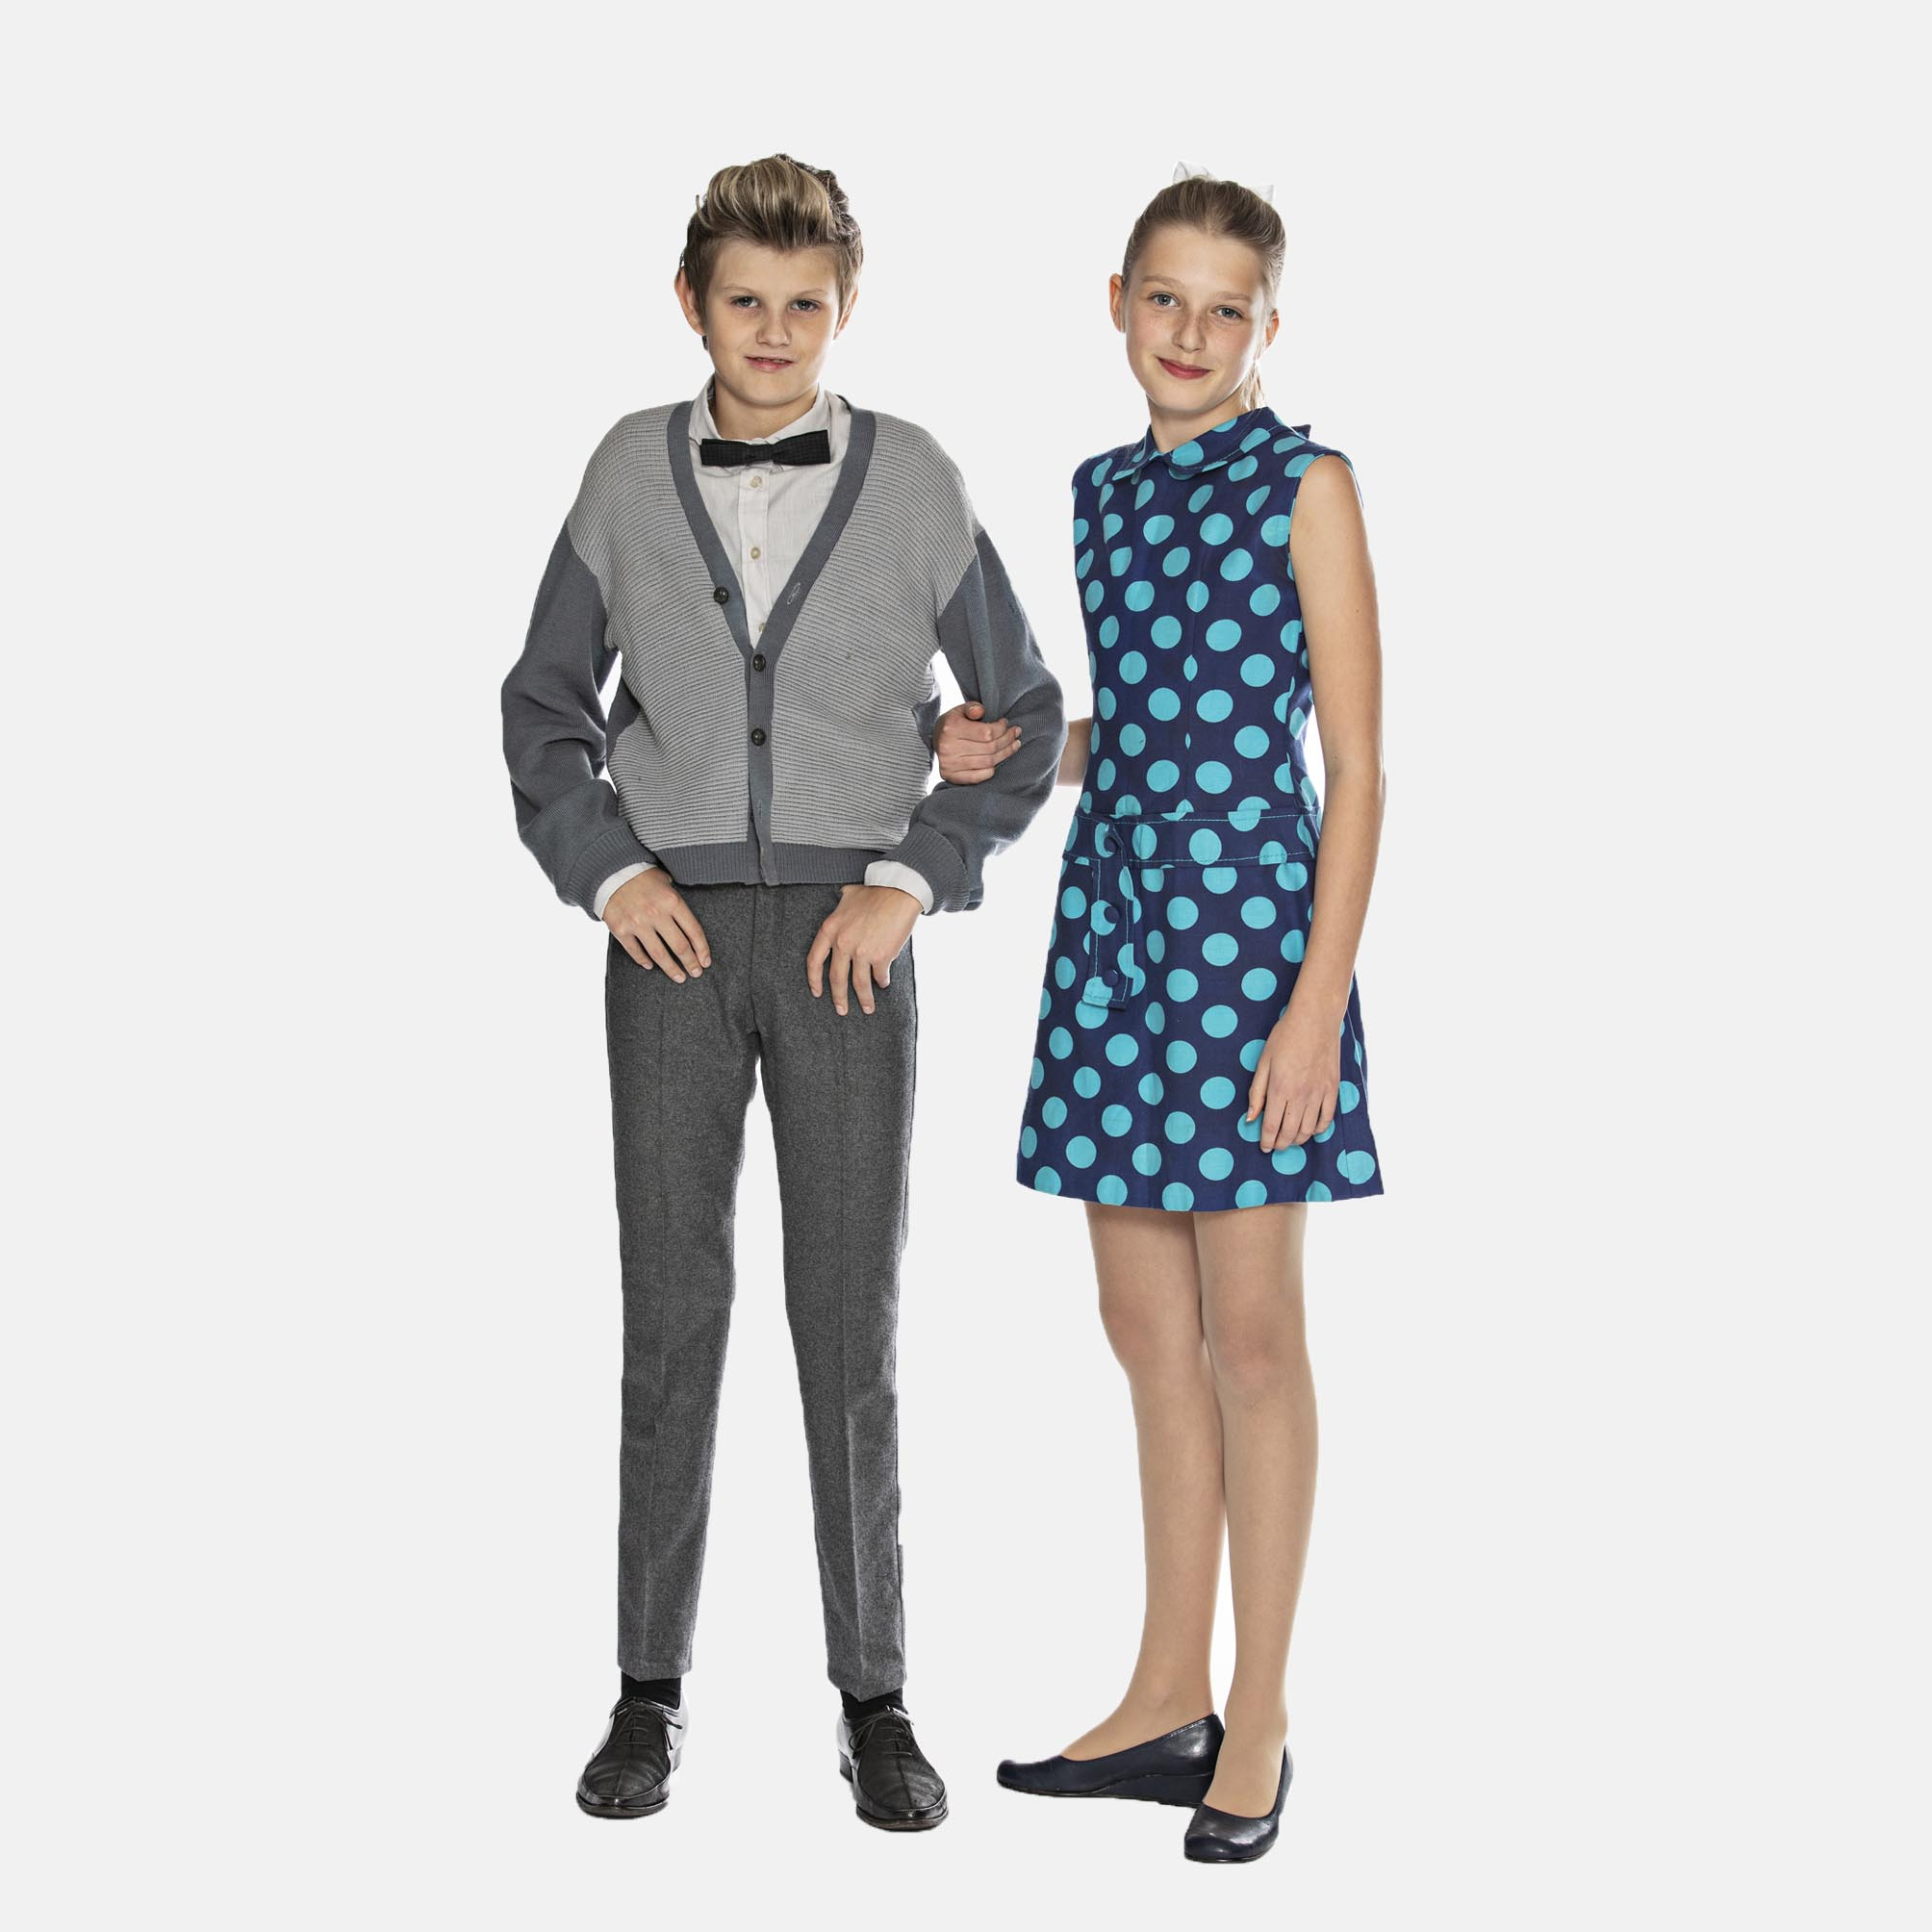 Dreng fra 60'erne med slikhår, butterfly, strikke vest, smalle grå bukser og 60'er-pige med blåmønstret kort kjole, bare ben og sløjfe i håret, læs mere om moden fra 1960'erne, originalt tøj fra museet Tidens Samling, museum for klæder, form og bolig i det 20. århundrede, Kulturmaskinen, Farvergården, Brandts Klædefabrik, Odense